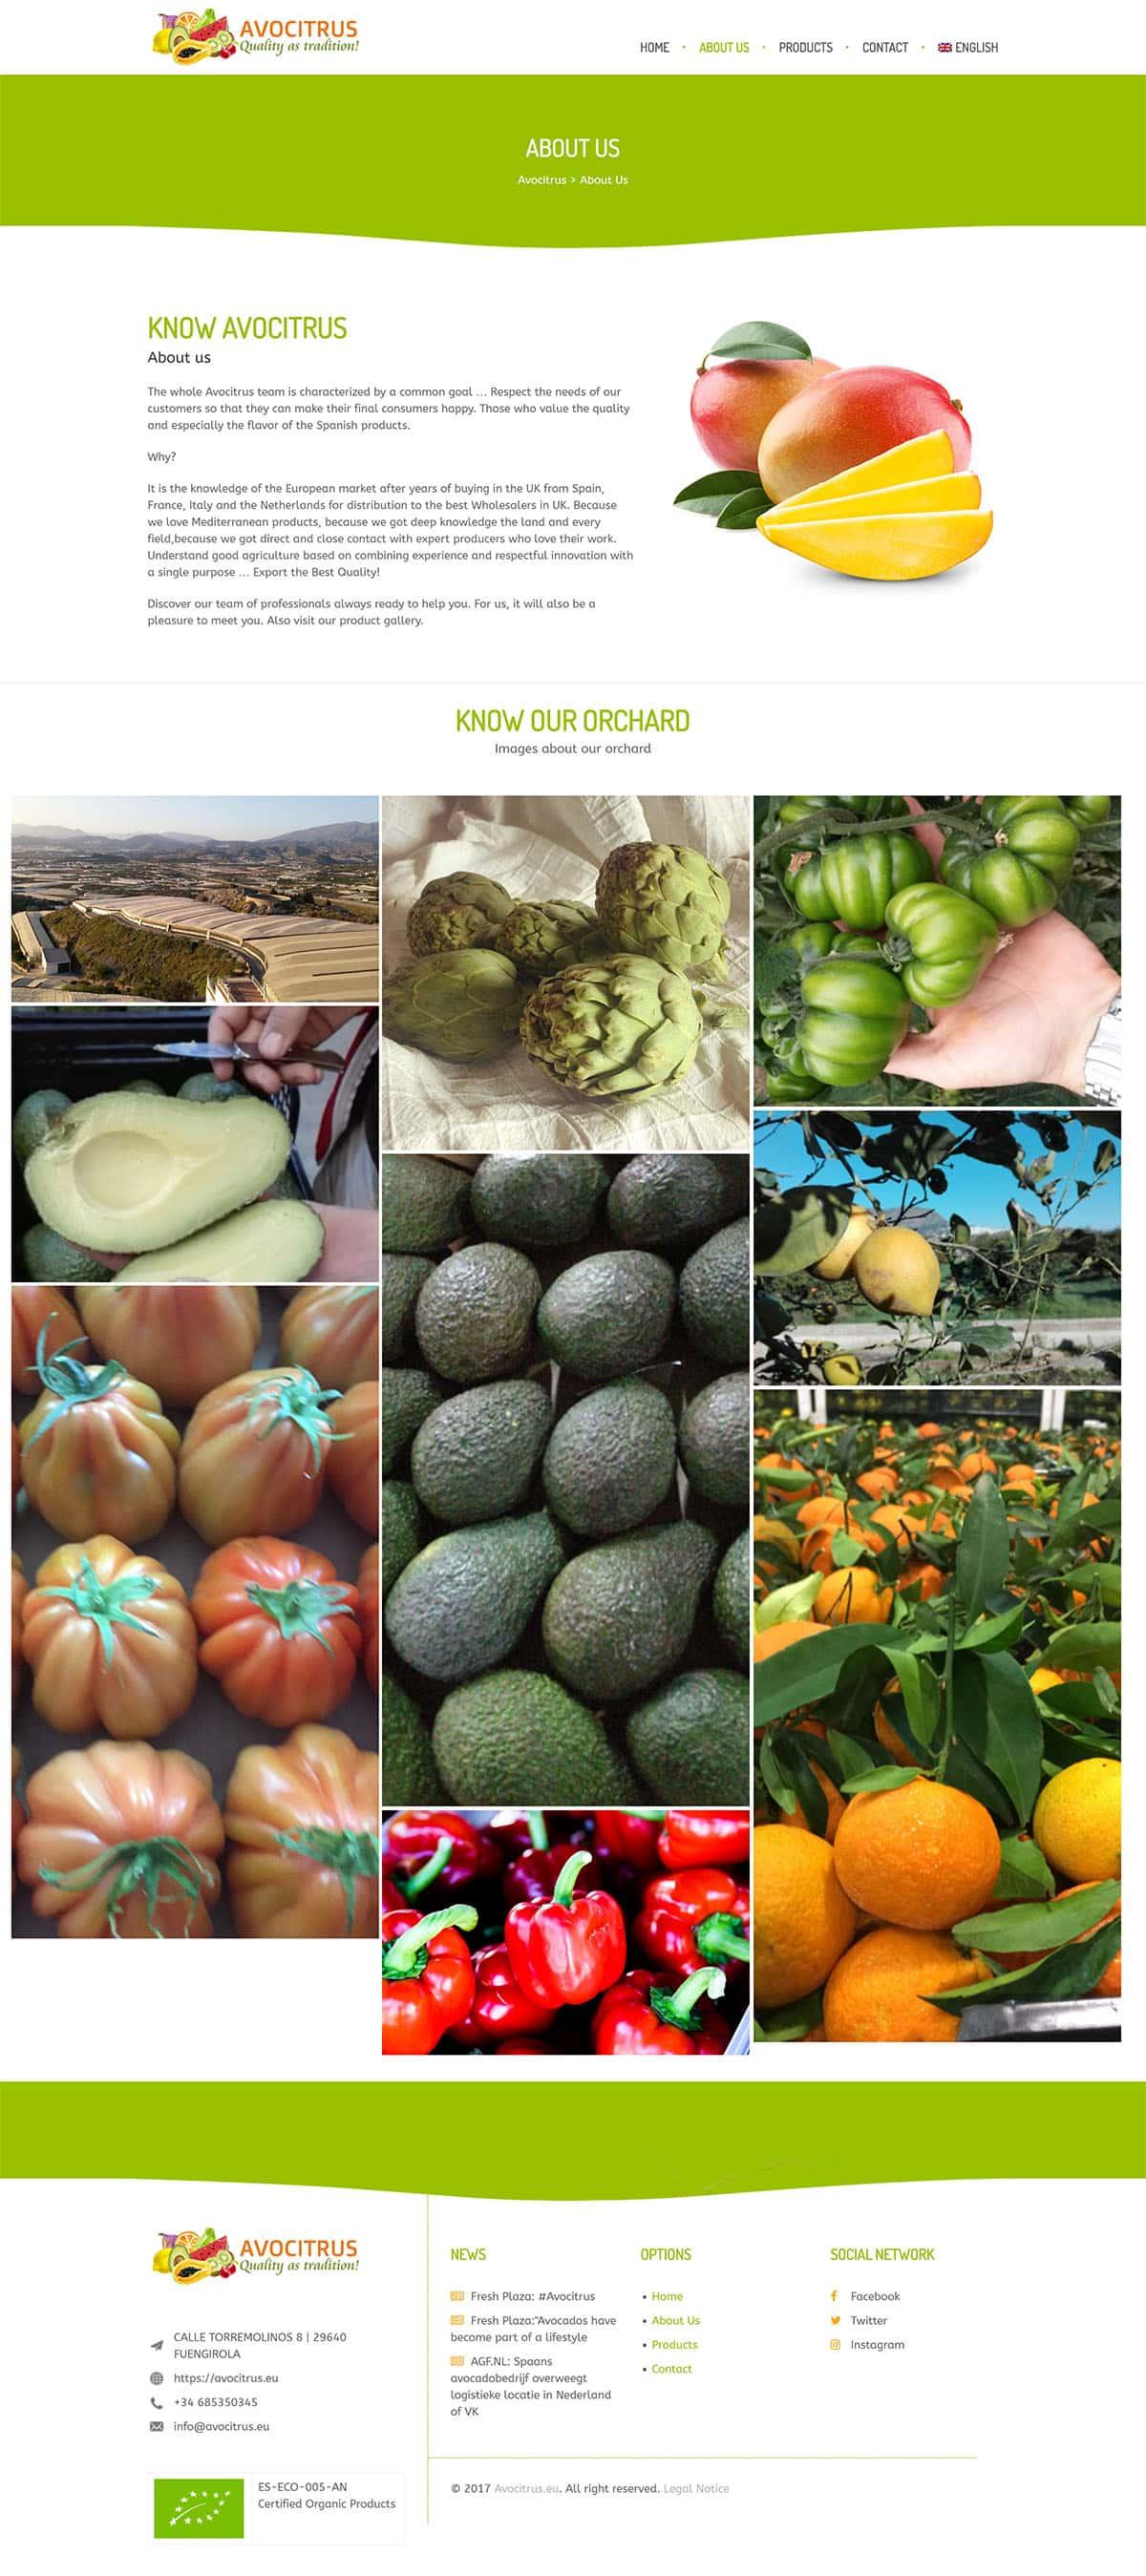 magasin de commerce électronique pour l'agriculture